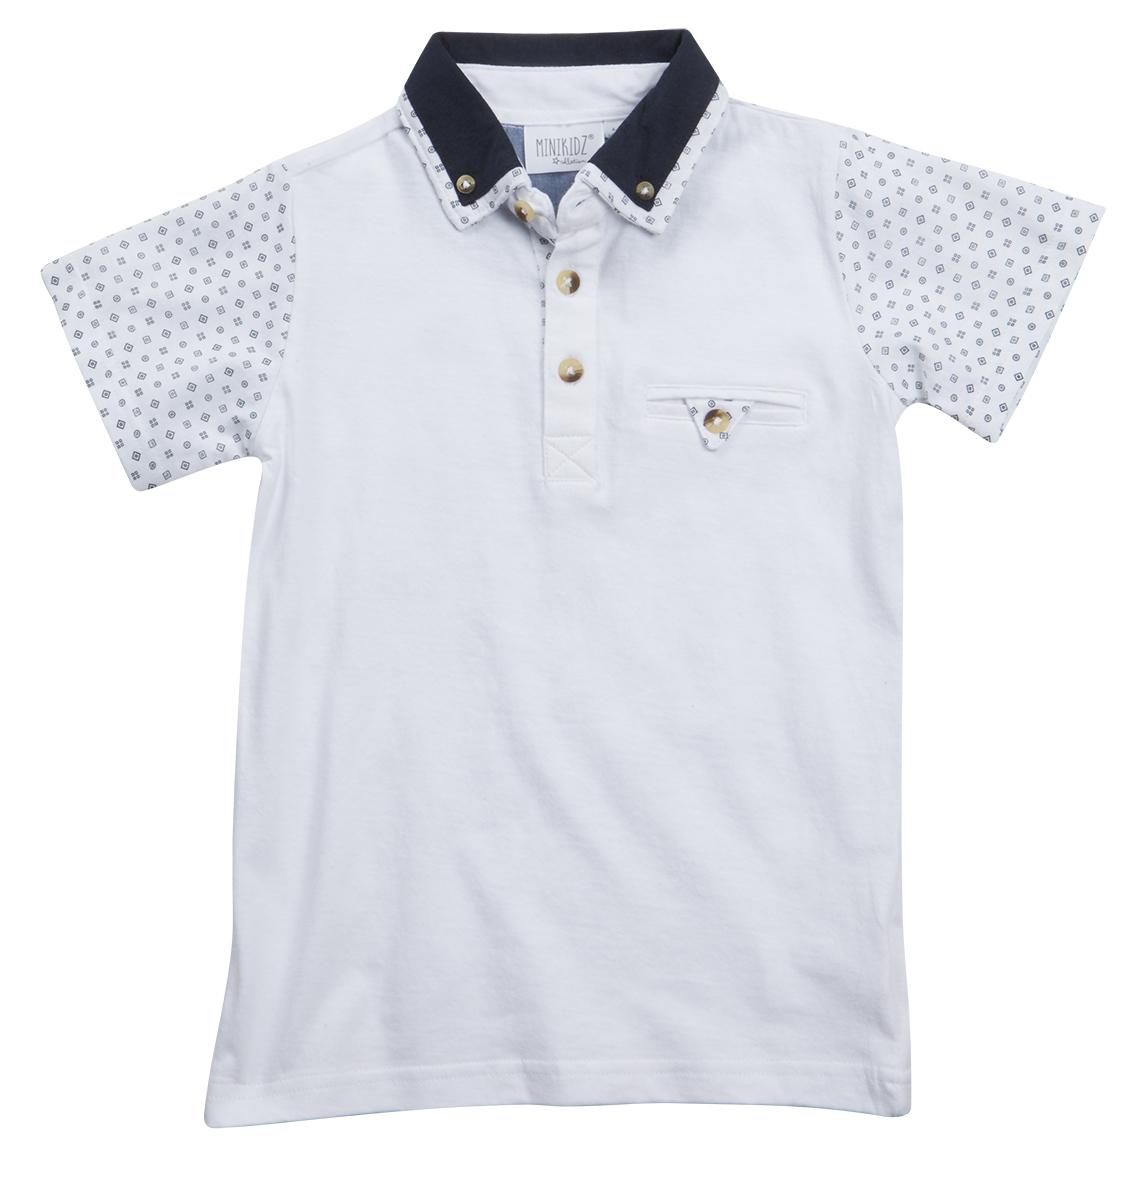 Boys polo shirt t shirt summertop short sleeve button down for Button collar t shirt